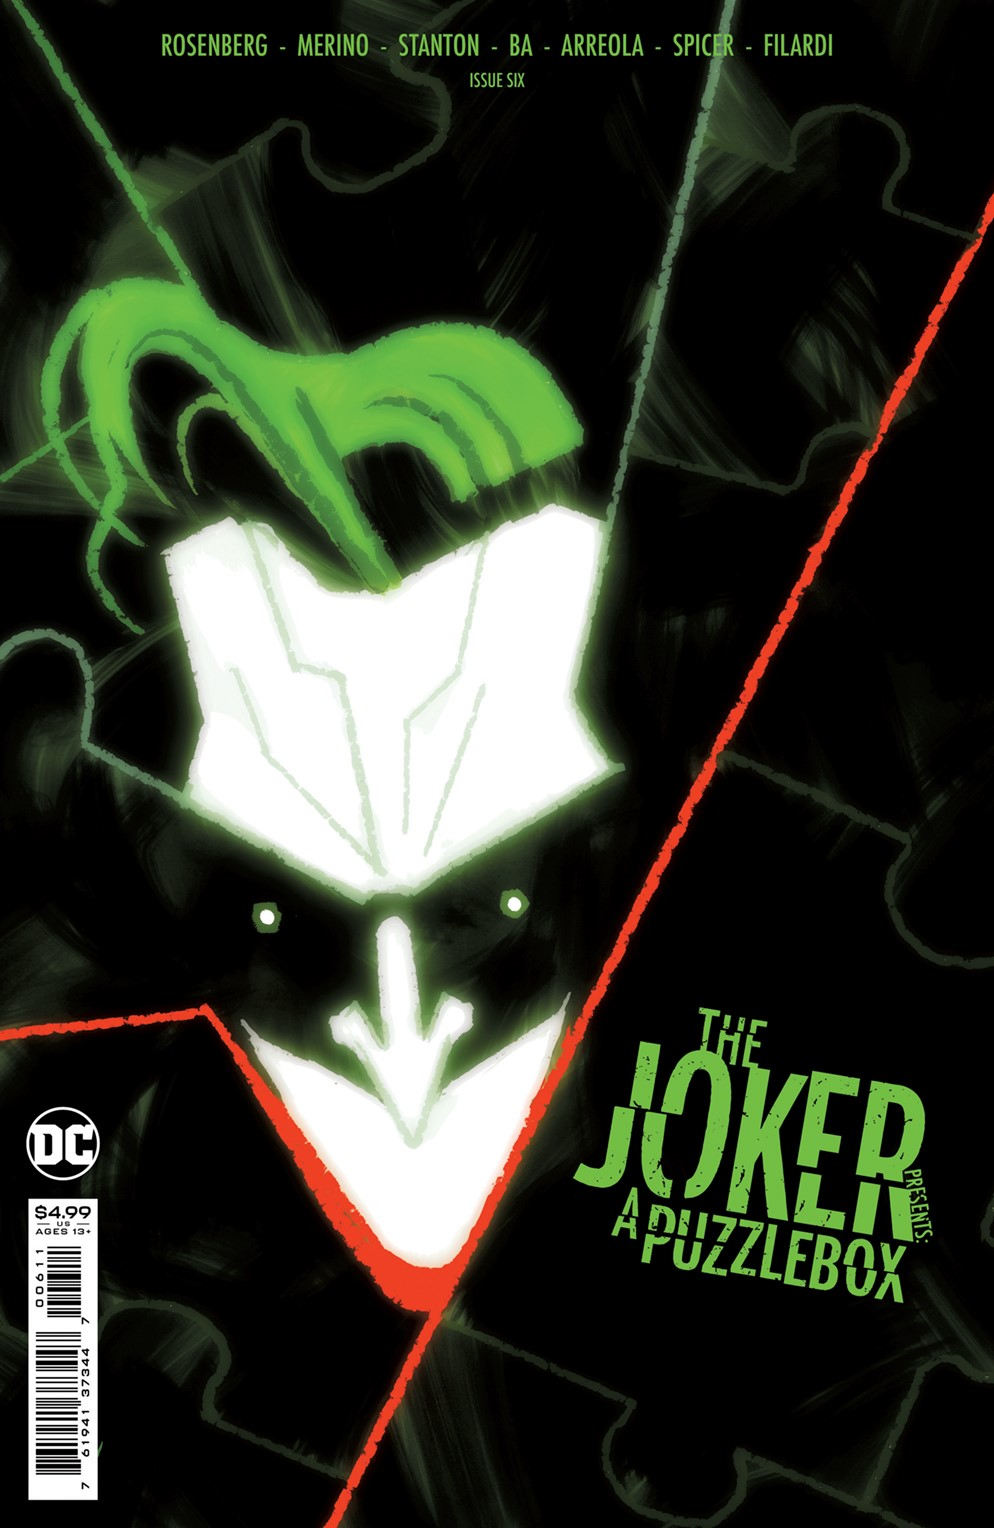 TJKRP_AP_Cv6 DC Comics December 2021 Solicitations